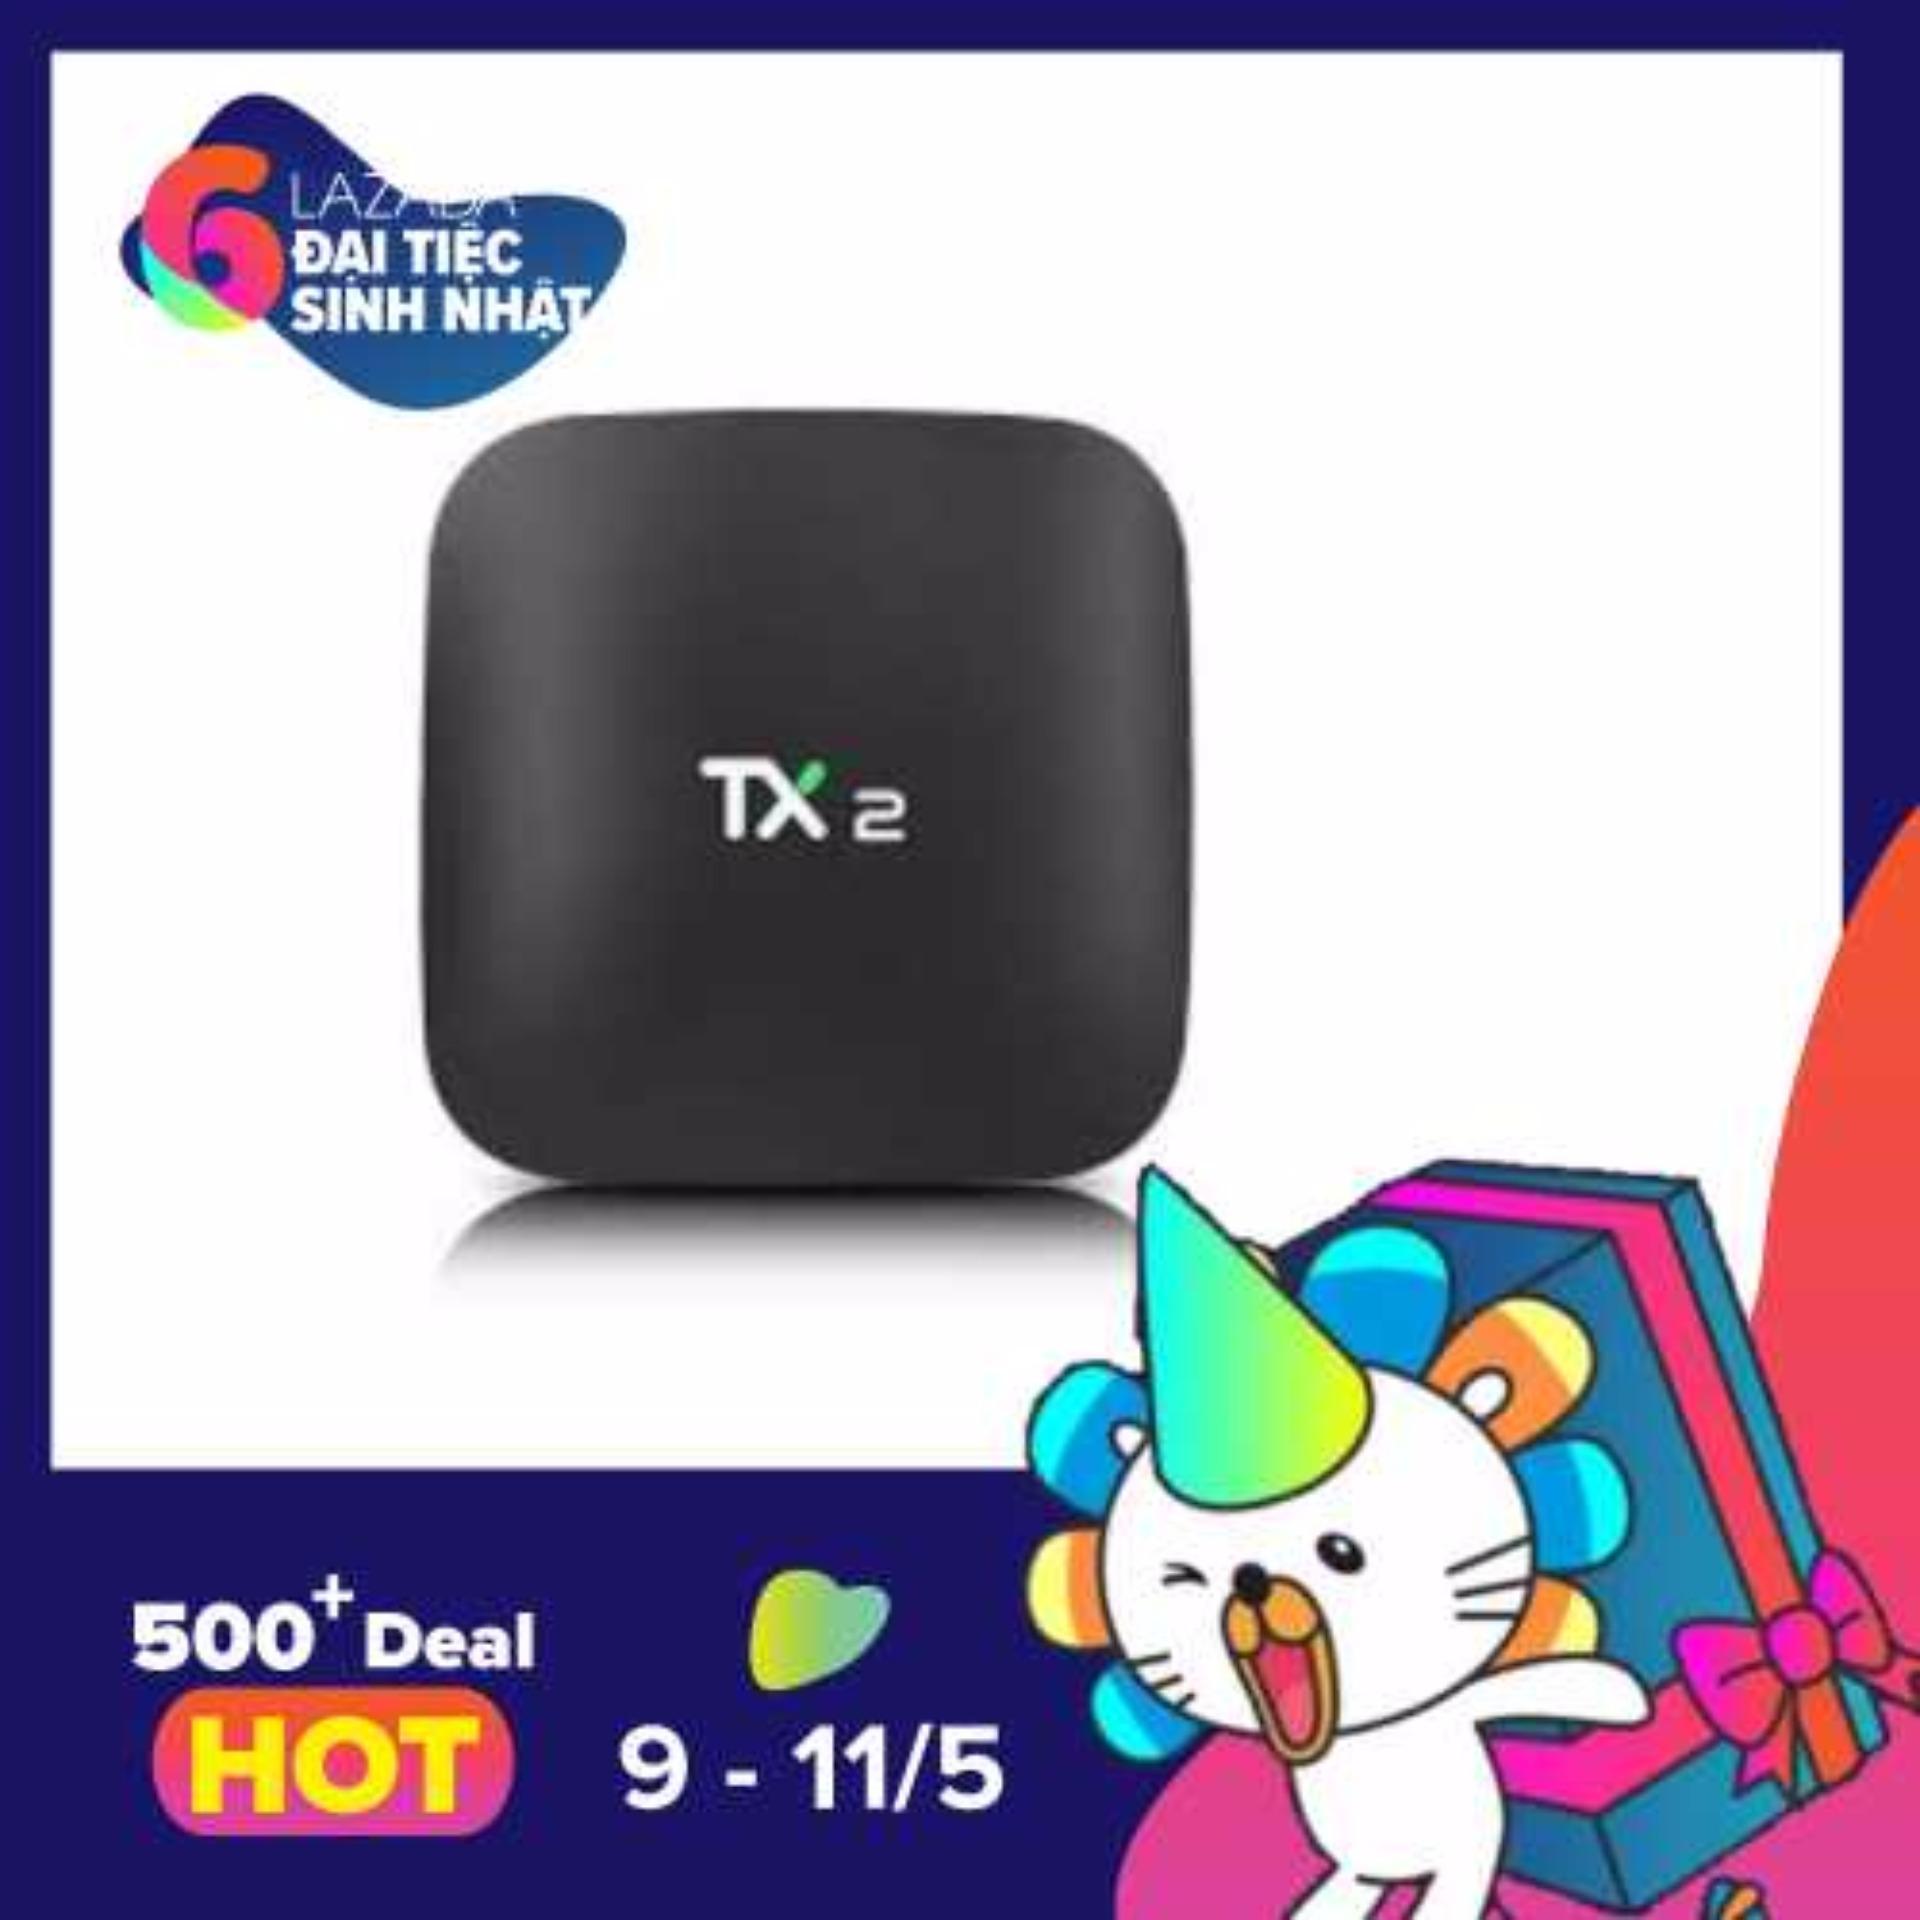 Bán Androi Ti Vi Box Tx2 Ram 2G Tv Box Android 6 Support 4K X 2K Bluetooth 2 4Ghz Wifi Intl Có Thương Hiệu Nguyên